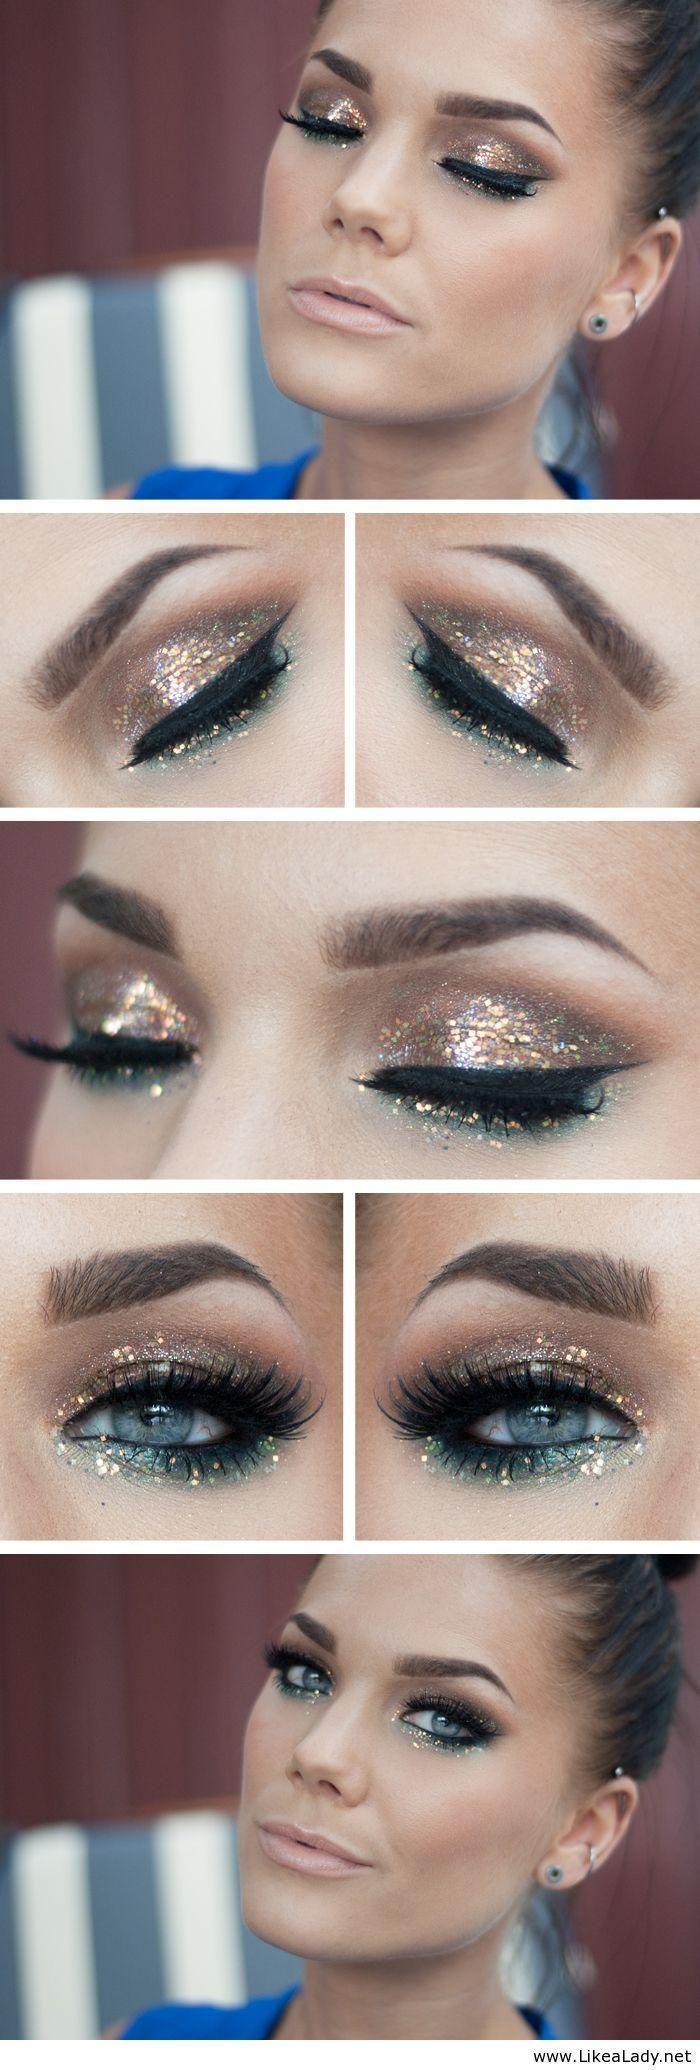 Boda - Maquillaje impresionante